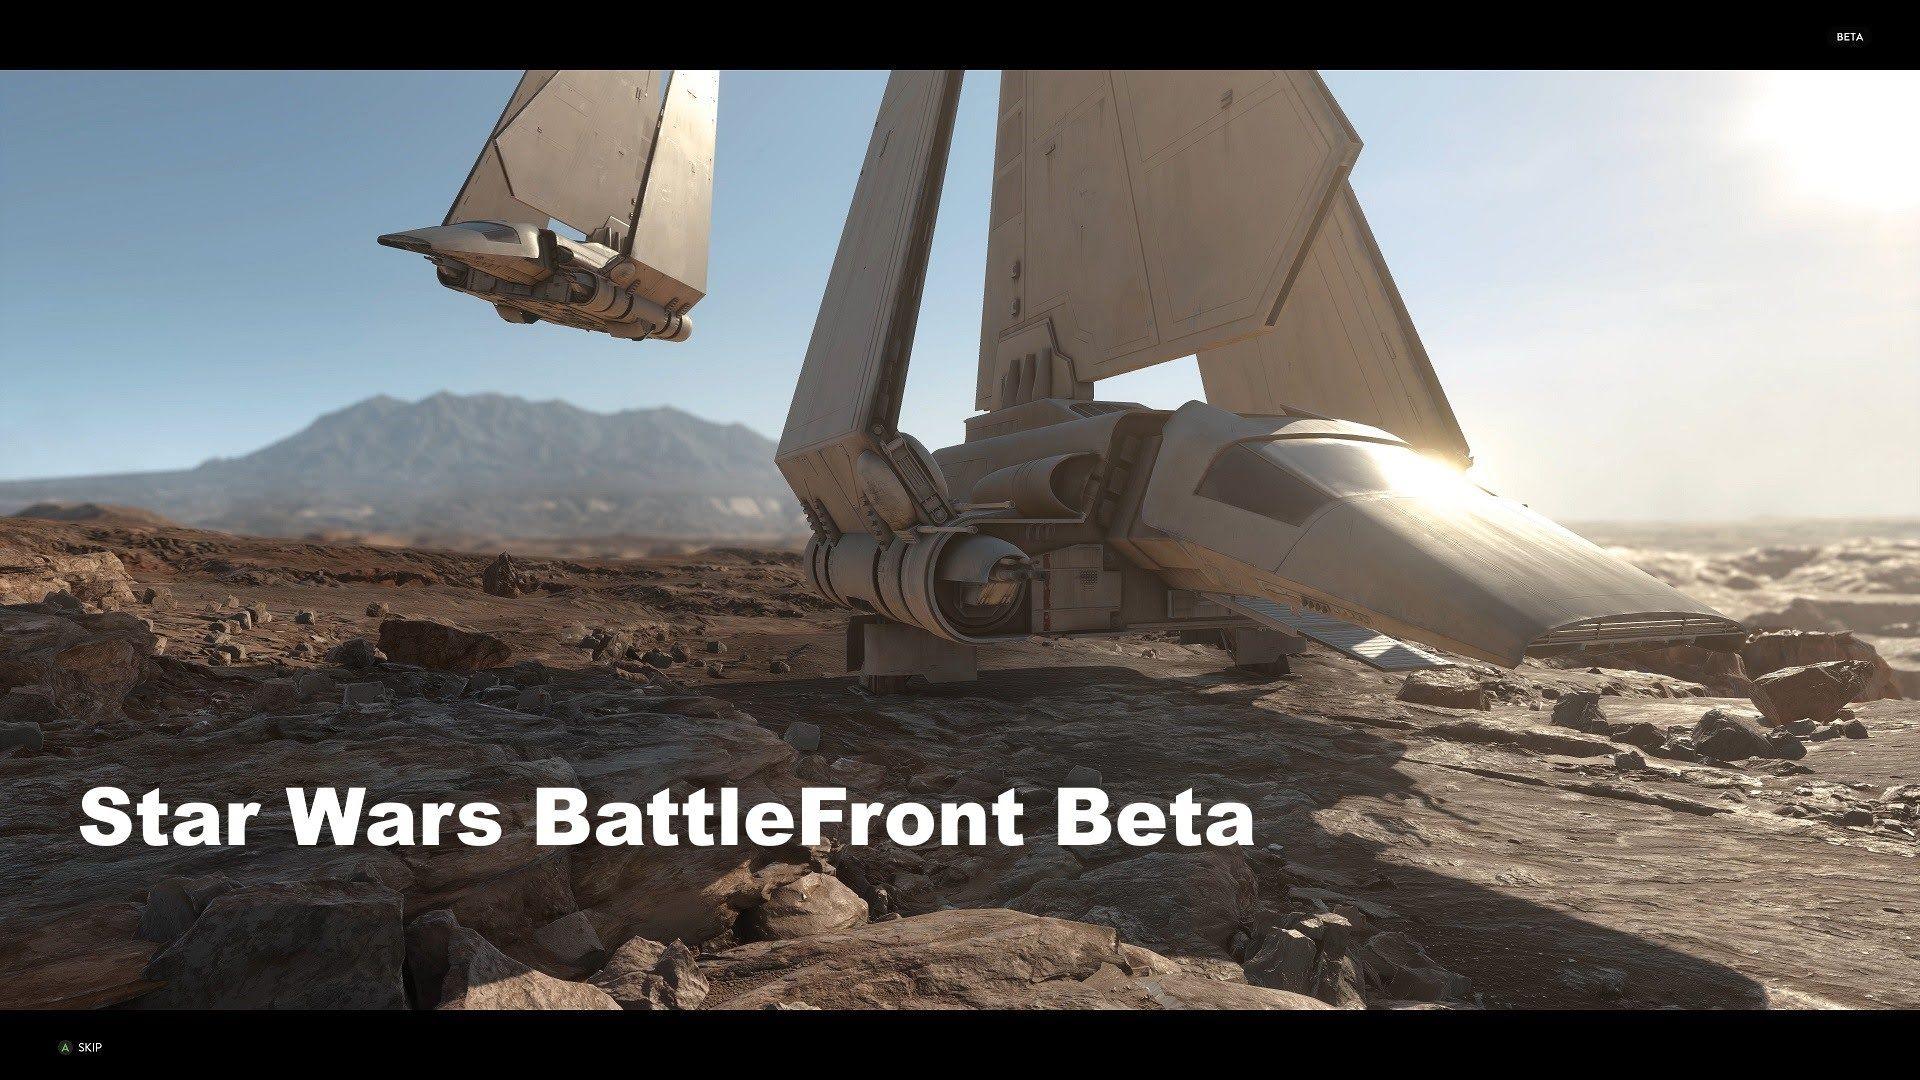 Star wars Battlefront Beta Survival of Tatooine  [4K]